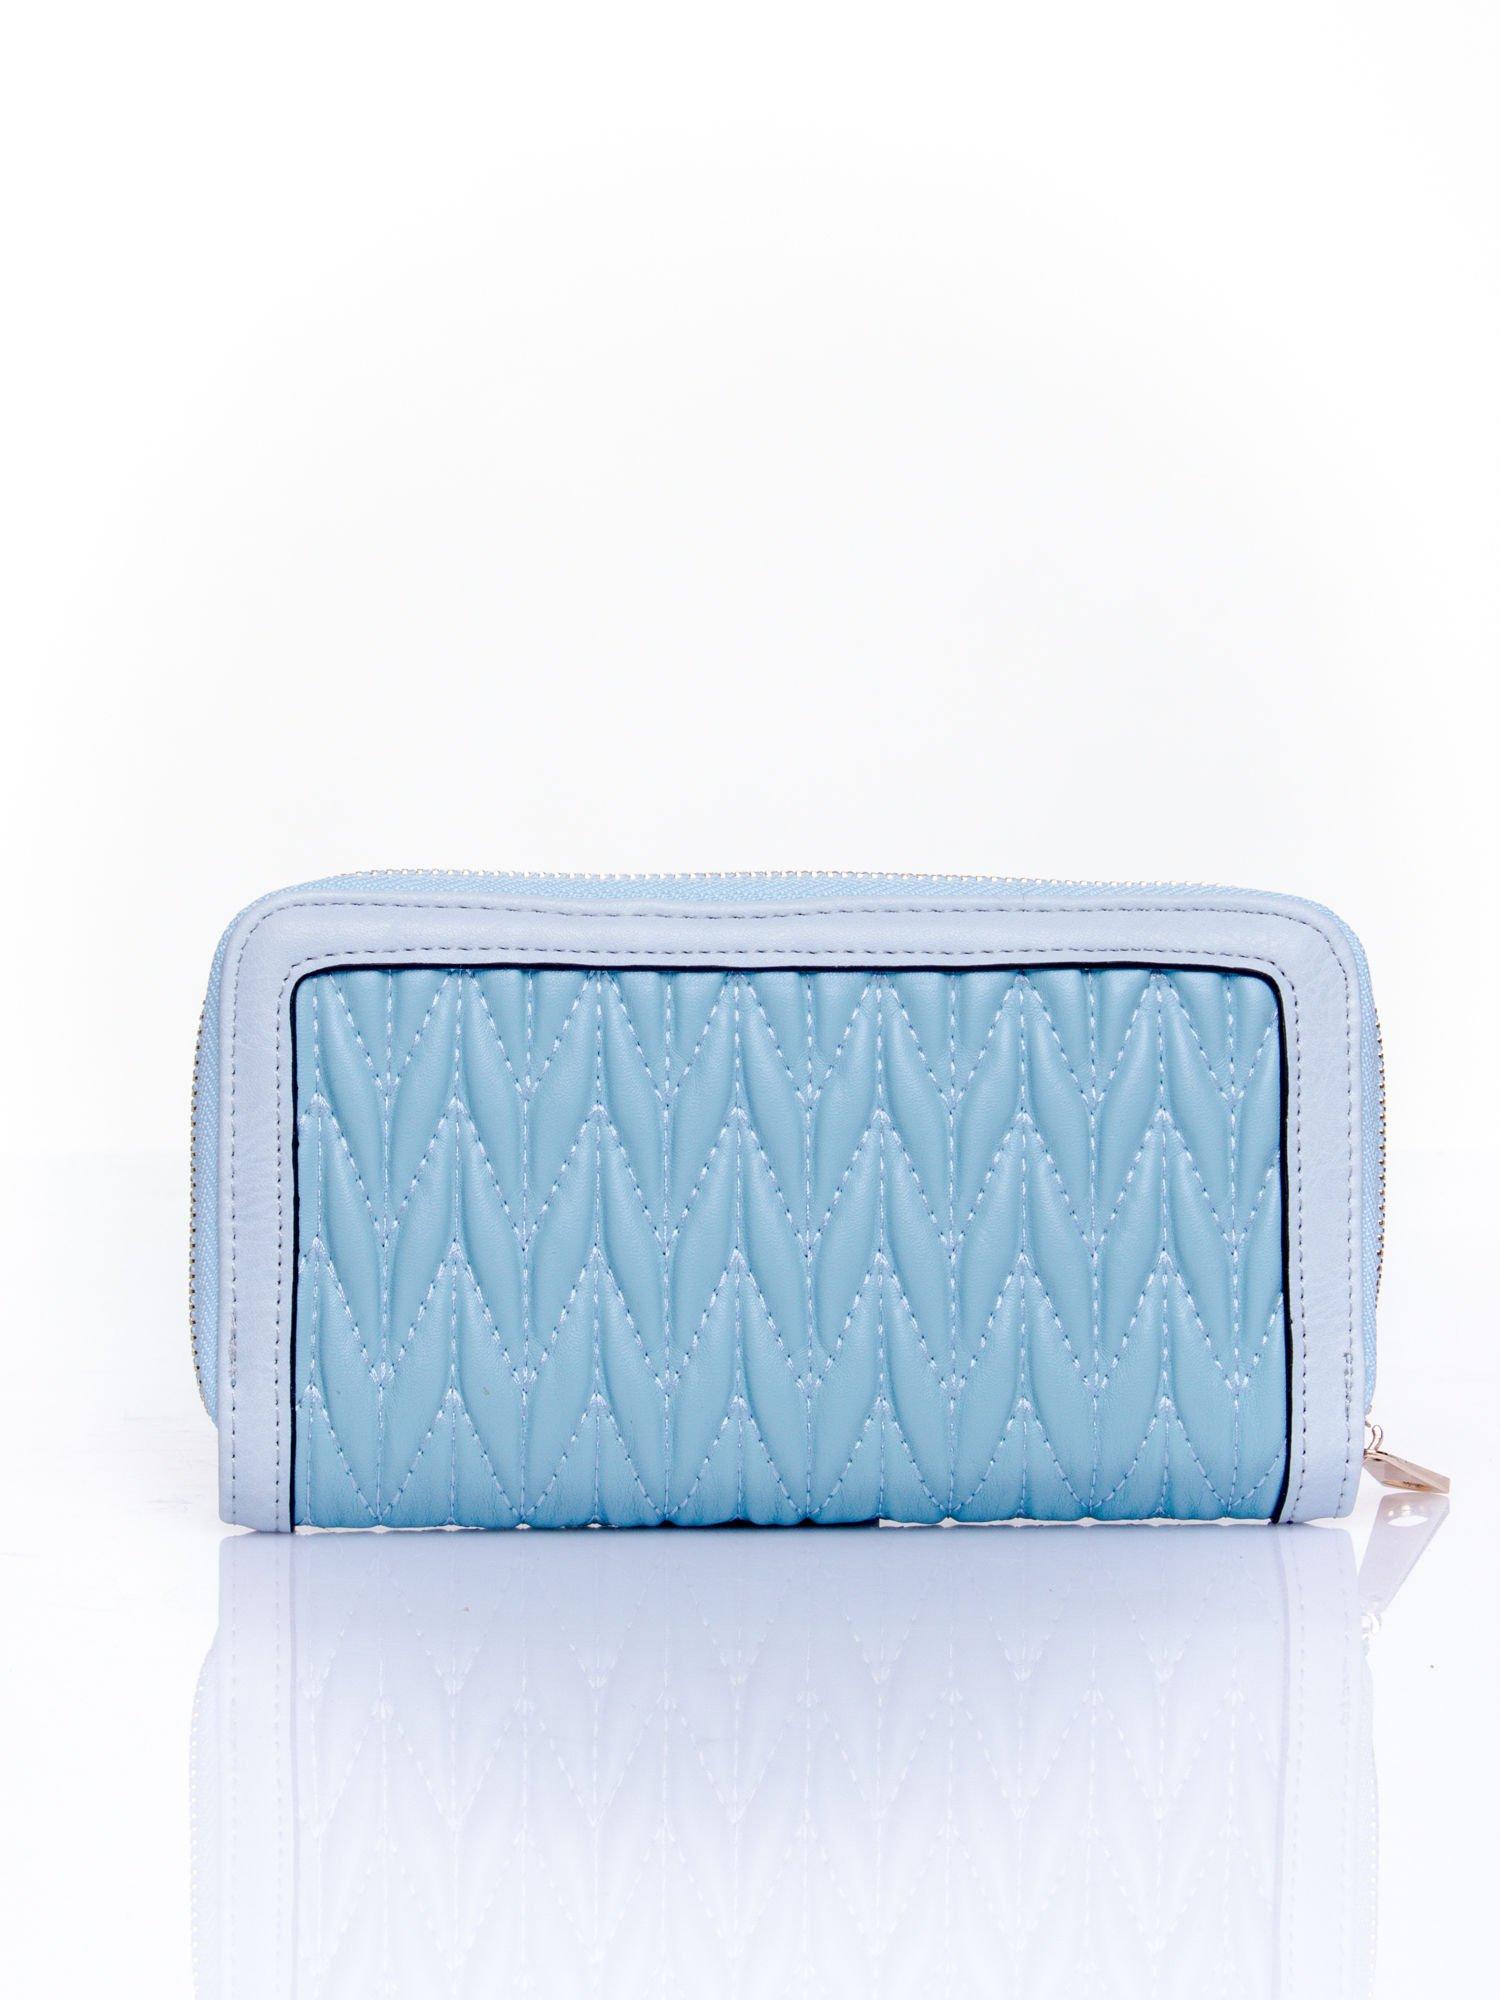 Niebieski pikowany portfel ze złotym suwakiem                                  zdj.                                  2